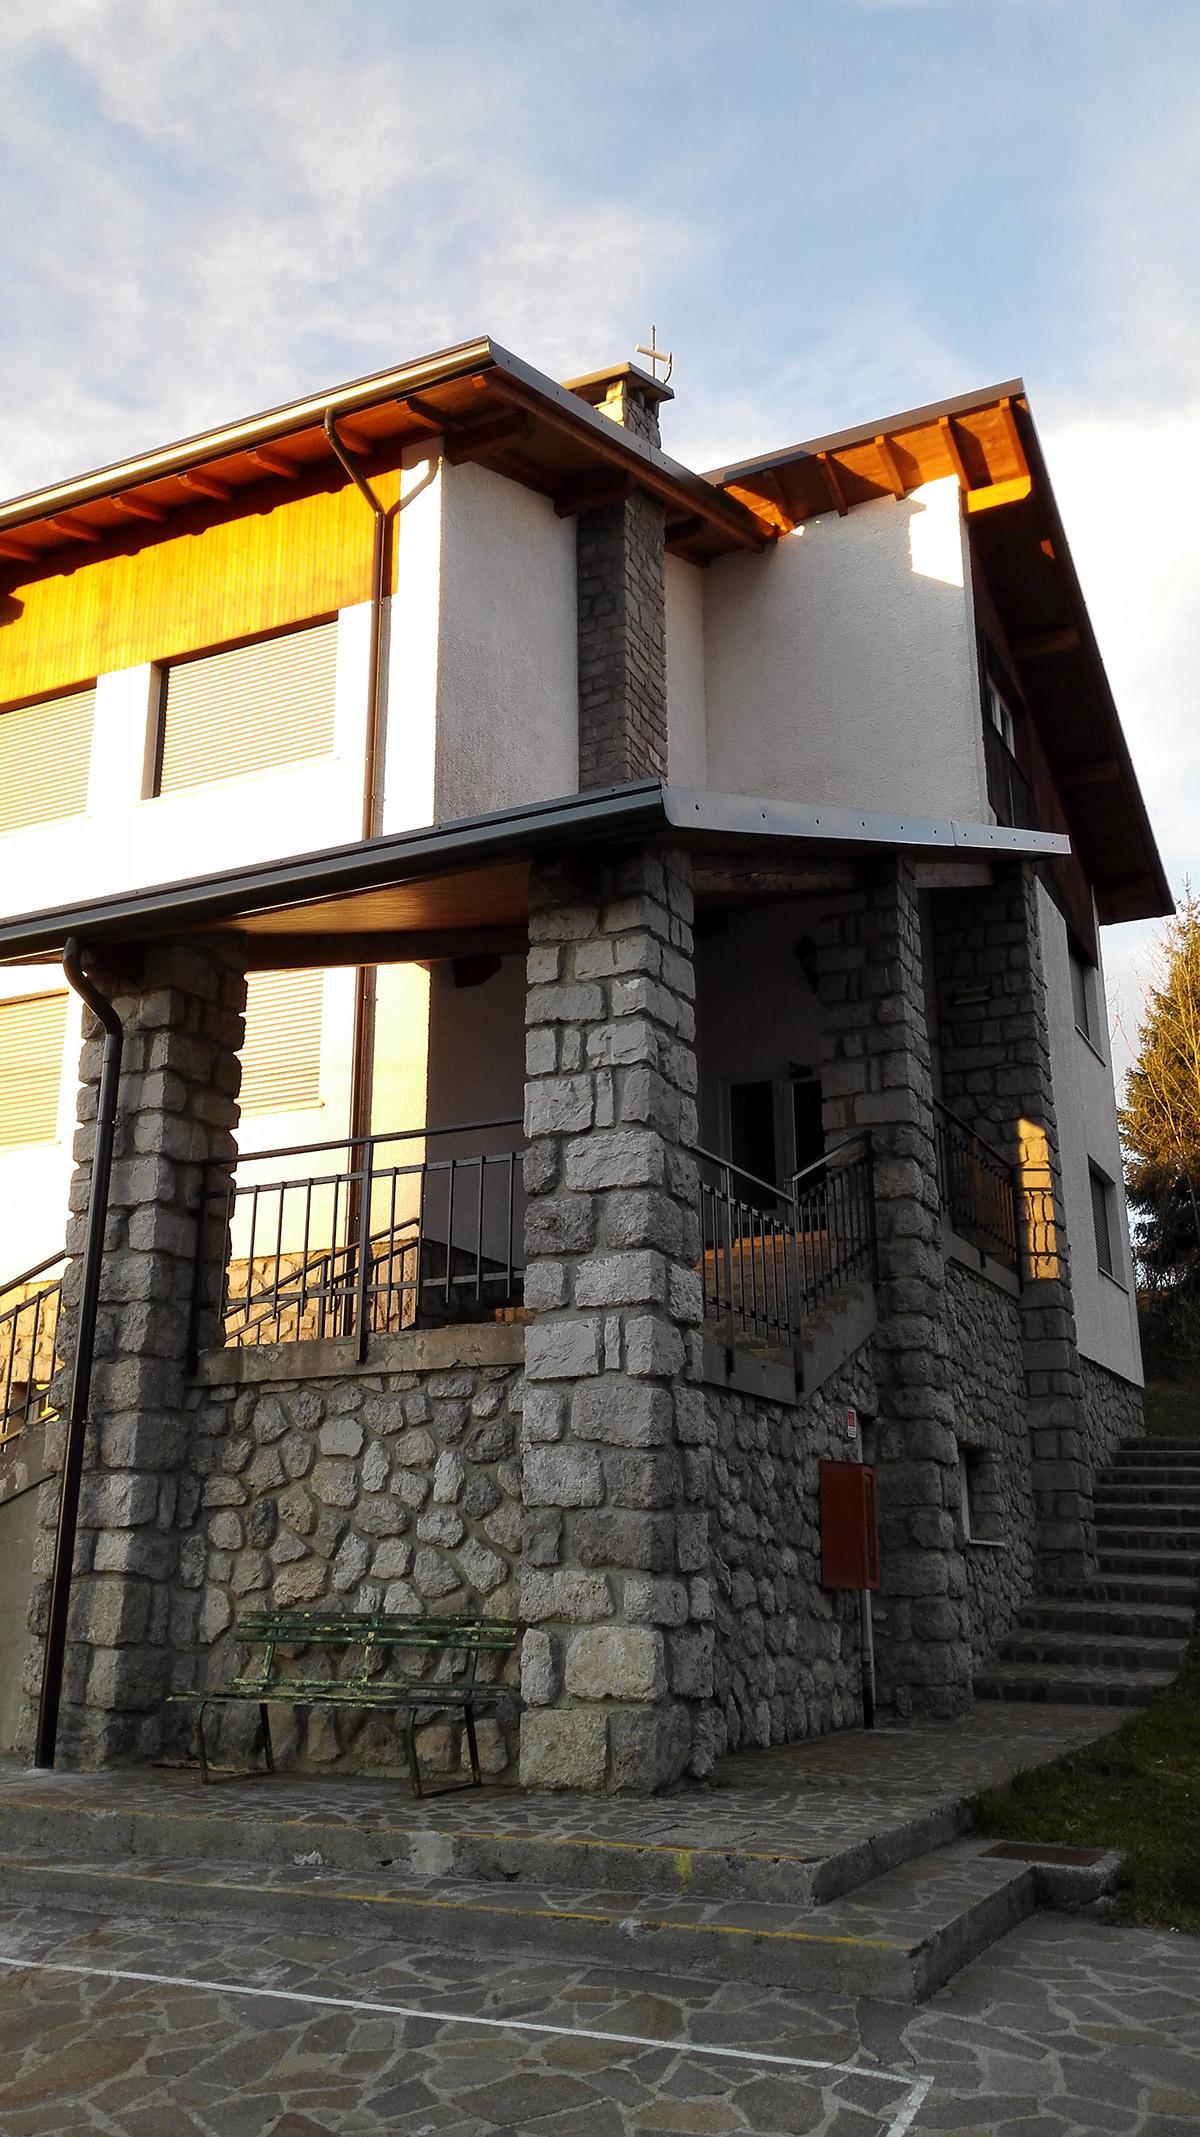 Perico-Renato-Oltre il Colle (BG) - Scuola comunale - Manutenzione straordinaria 19